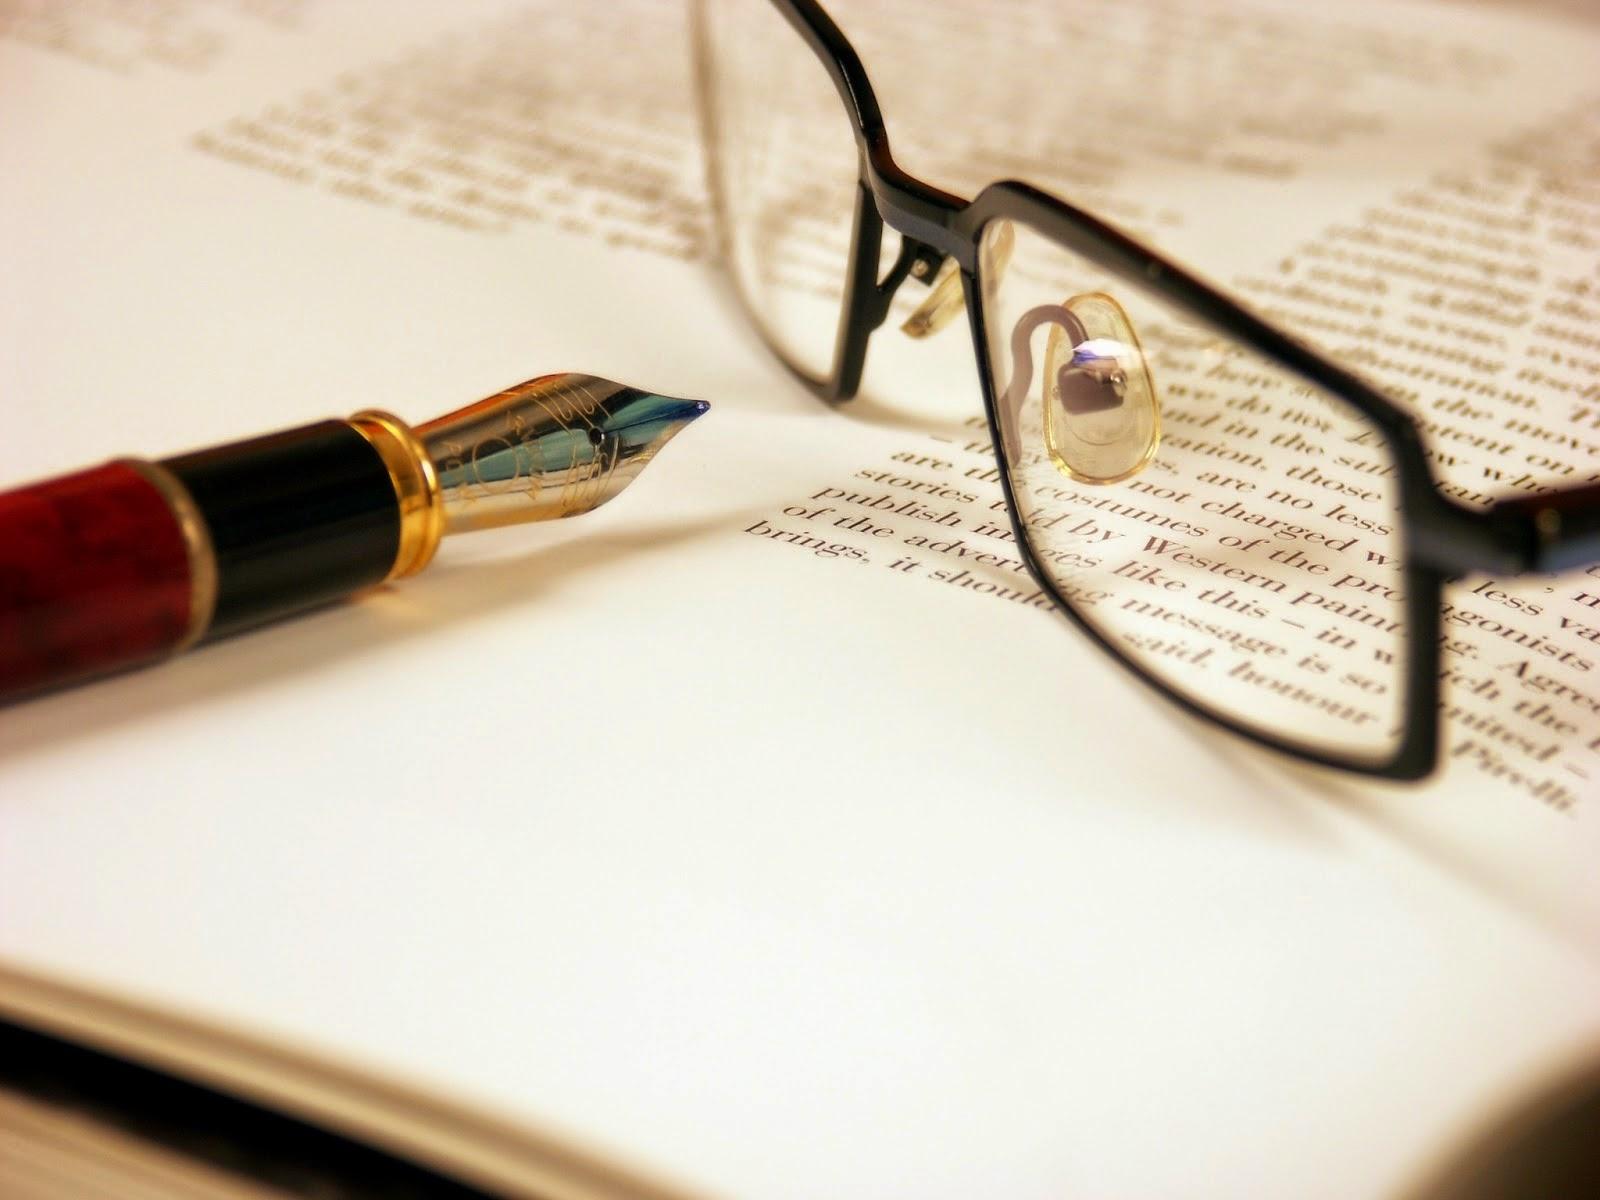 XXVIII exame da OAB: Qual será a peça de constitucional?